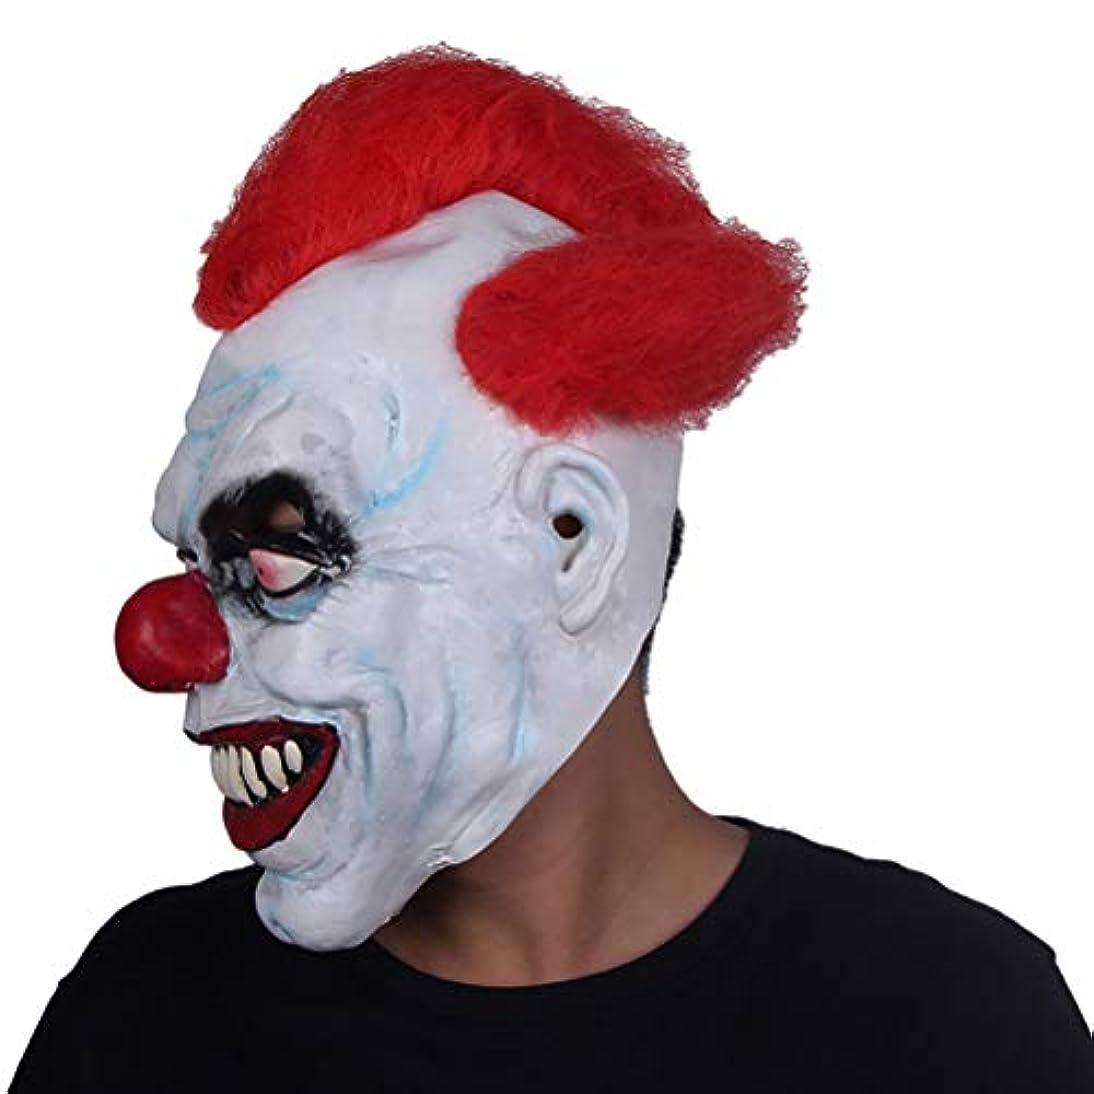 姓ベース長椅子ハロウィン大人のラテックスホラーマスクしかめっ面マスクパーティーマスク怖い悪魔マスク映画小道具仮面舞踏会マスク